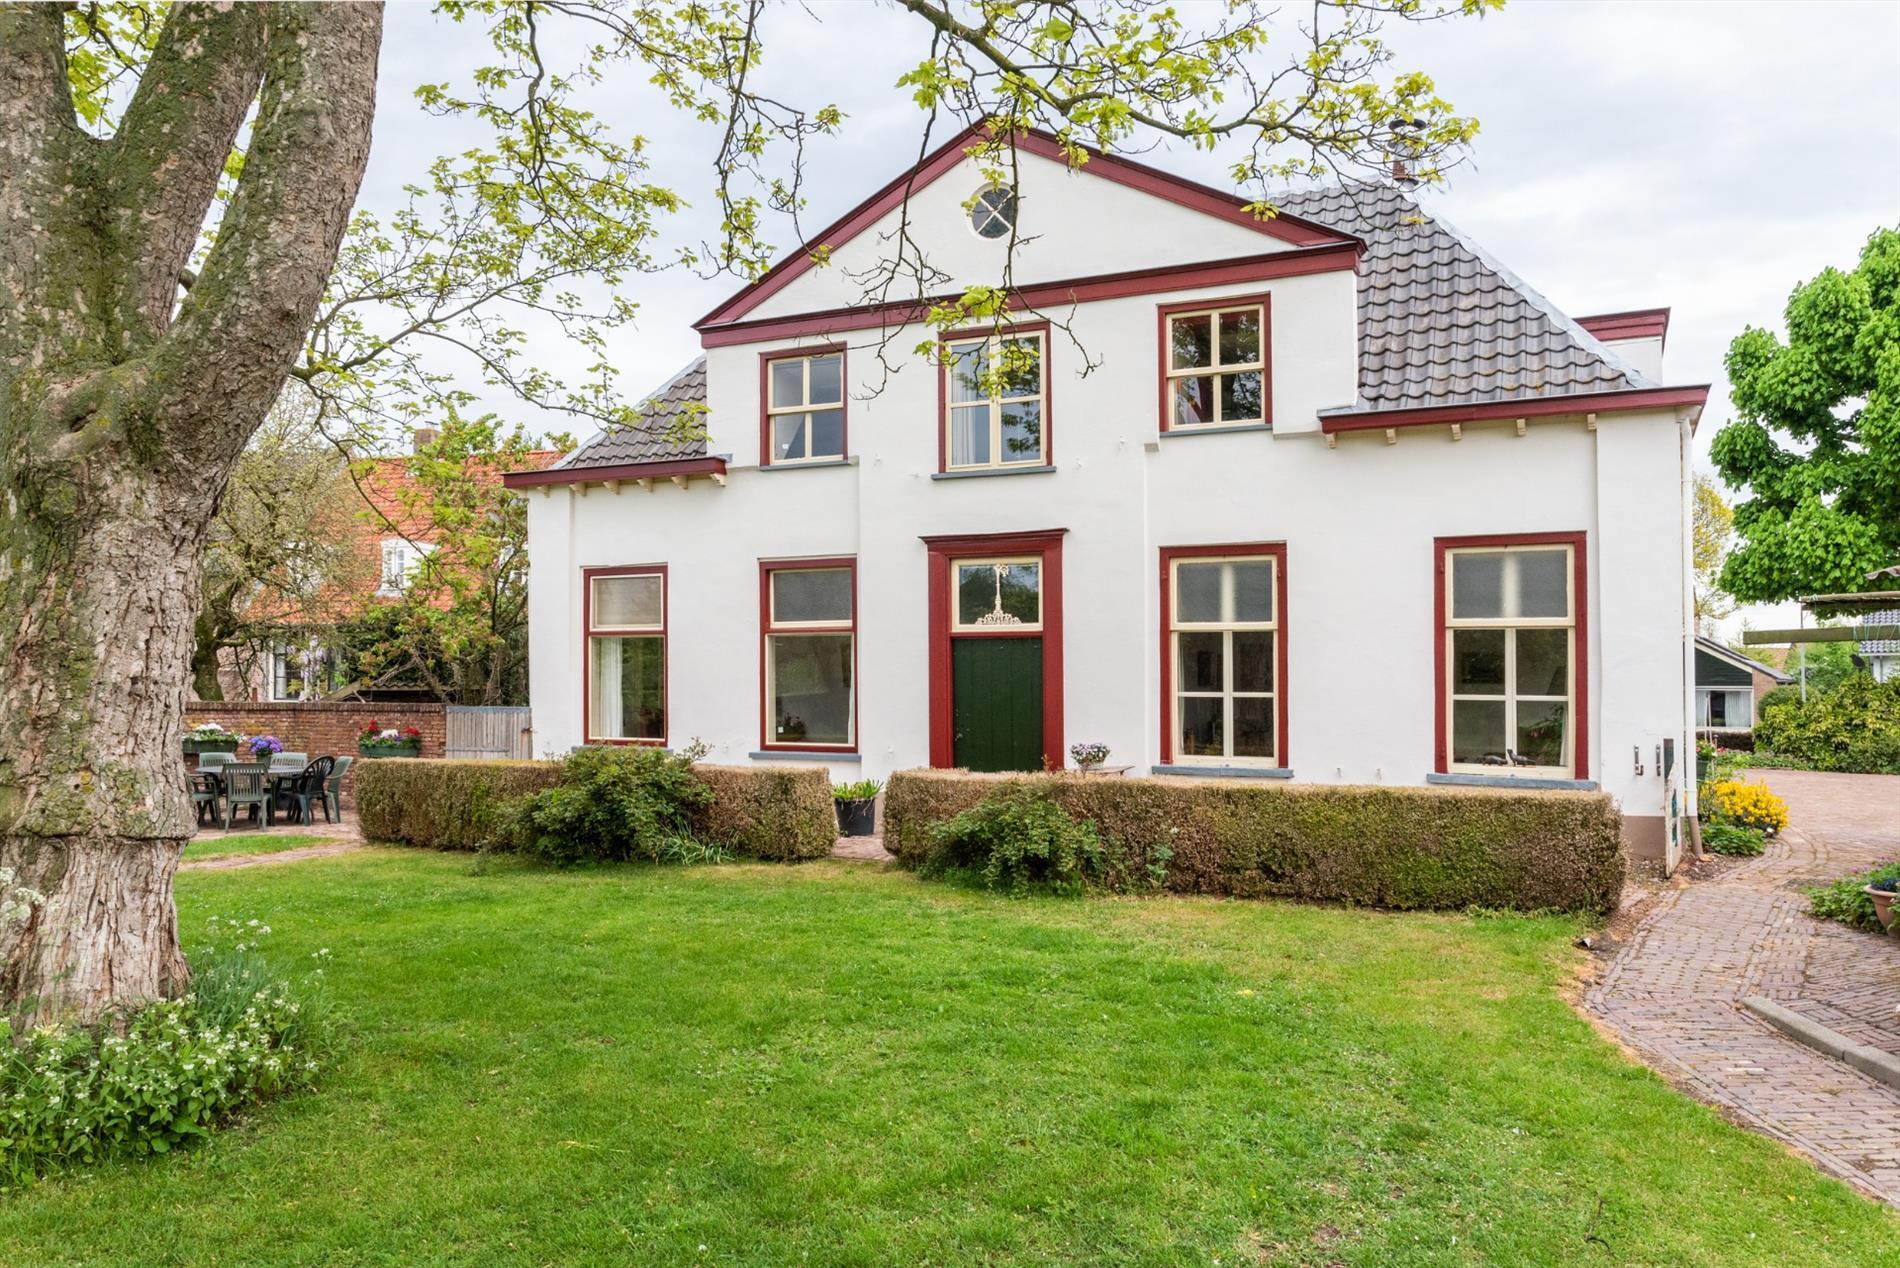 Te koop: Monumentale villa op schitterende locatie!